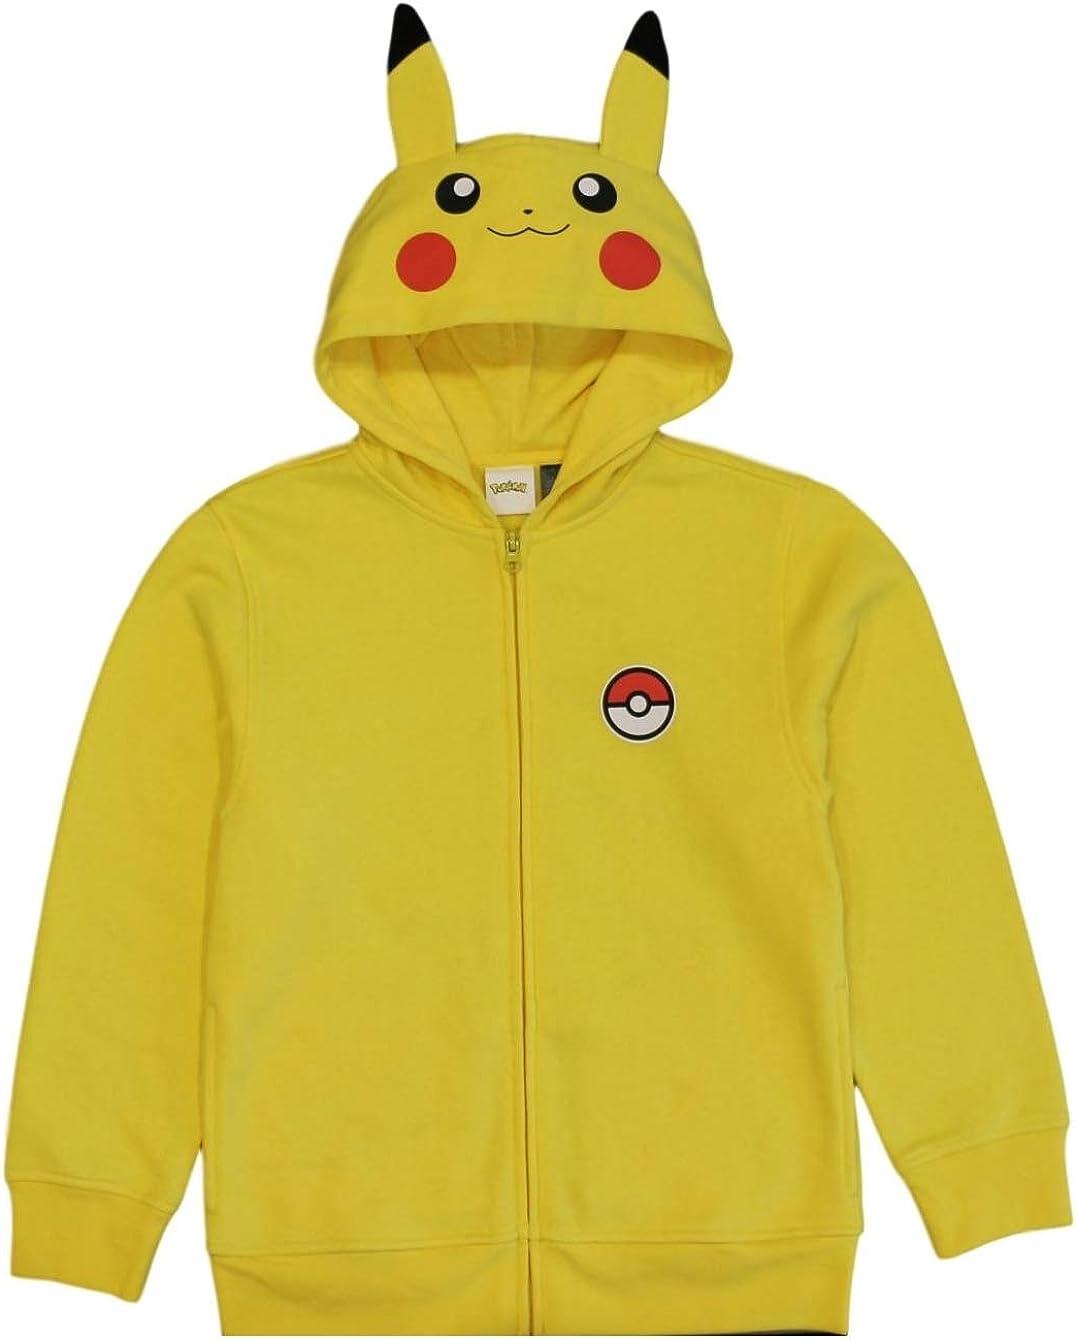 Mens//Kids T-Shirt//Hoodie//Sweat Novelty Pokemon Pika Picachu